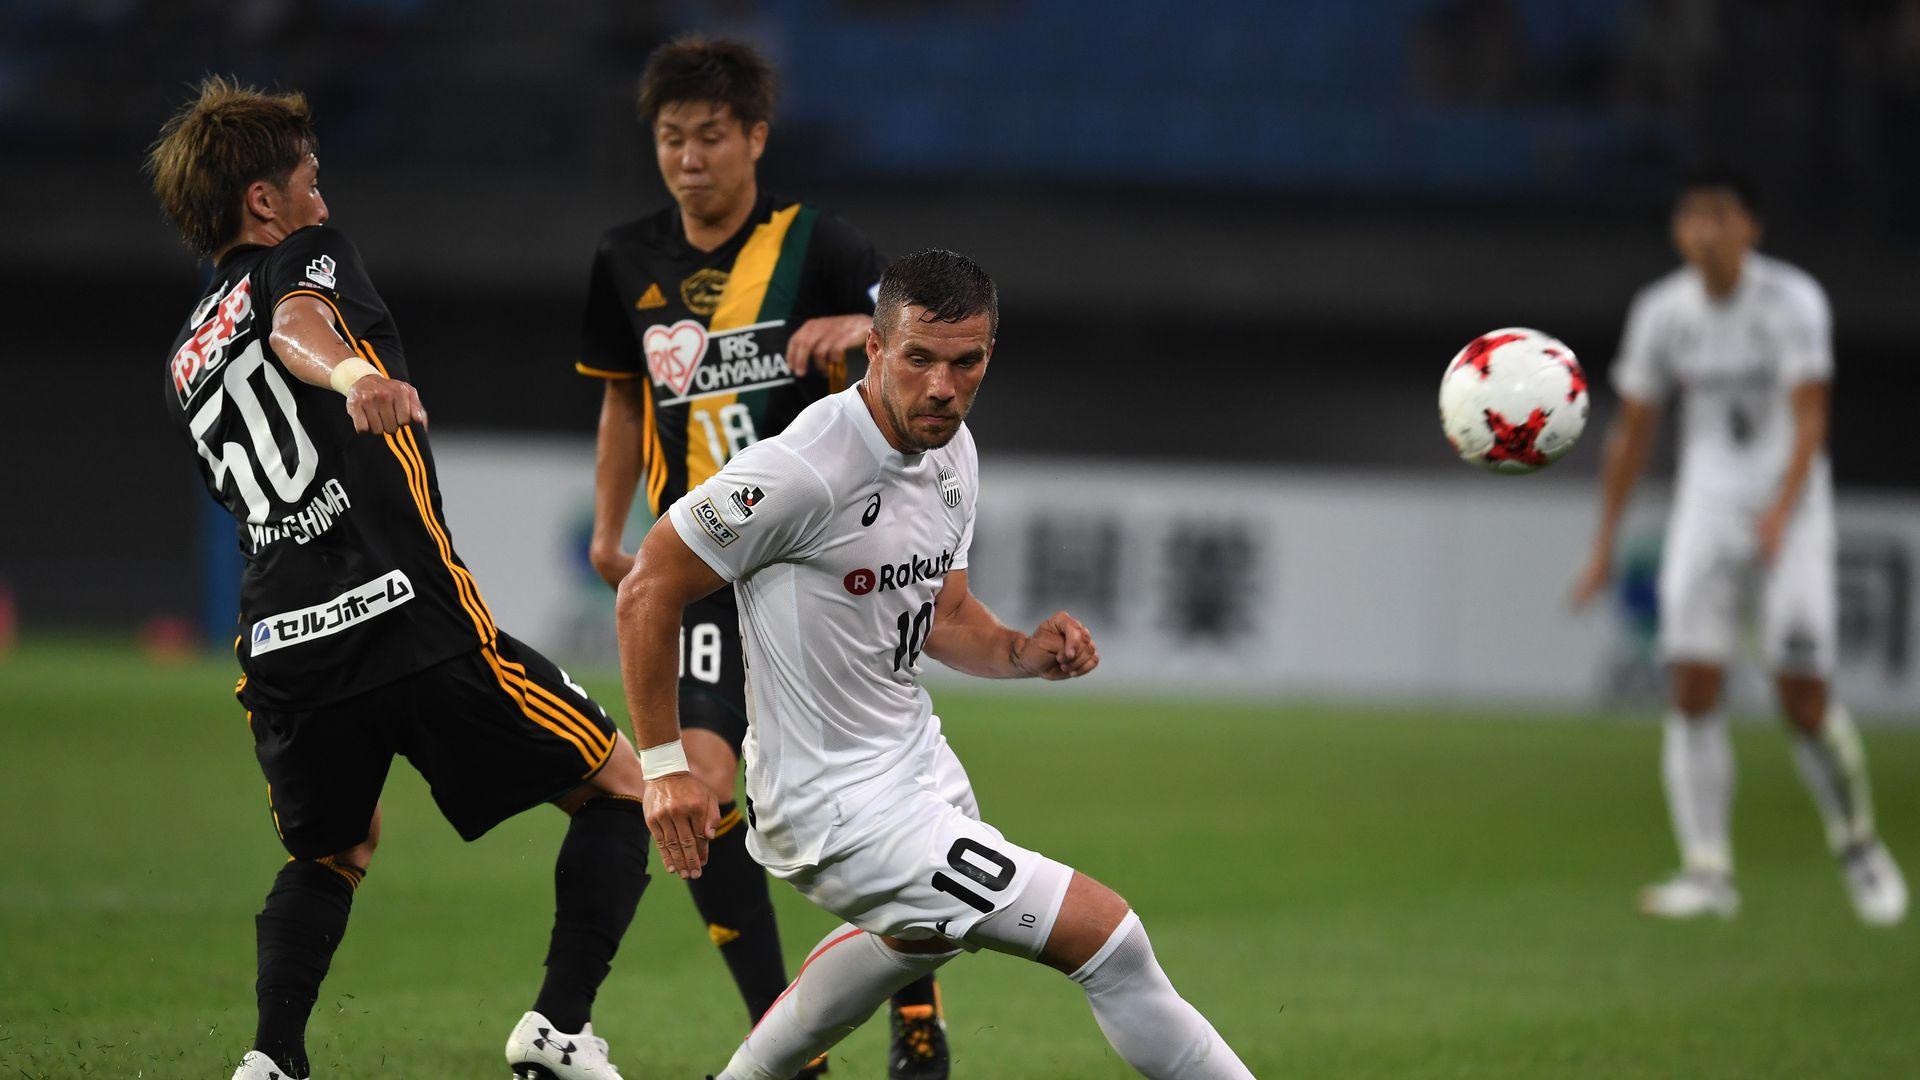 Tor Des Jahres Lukas Podolski Ist Gerührt Von Fan Liebe